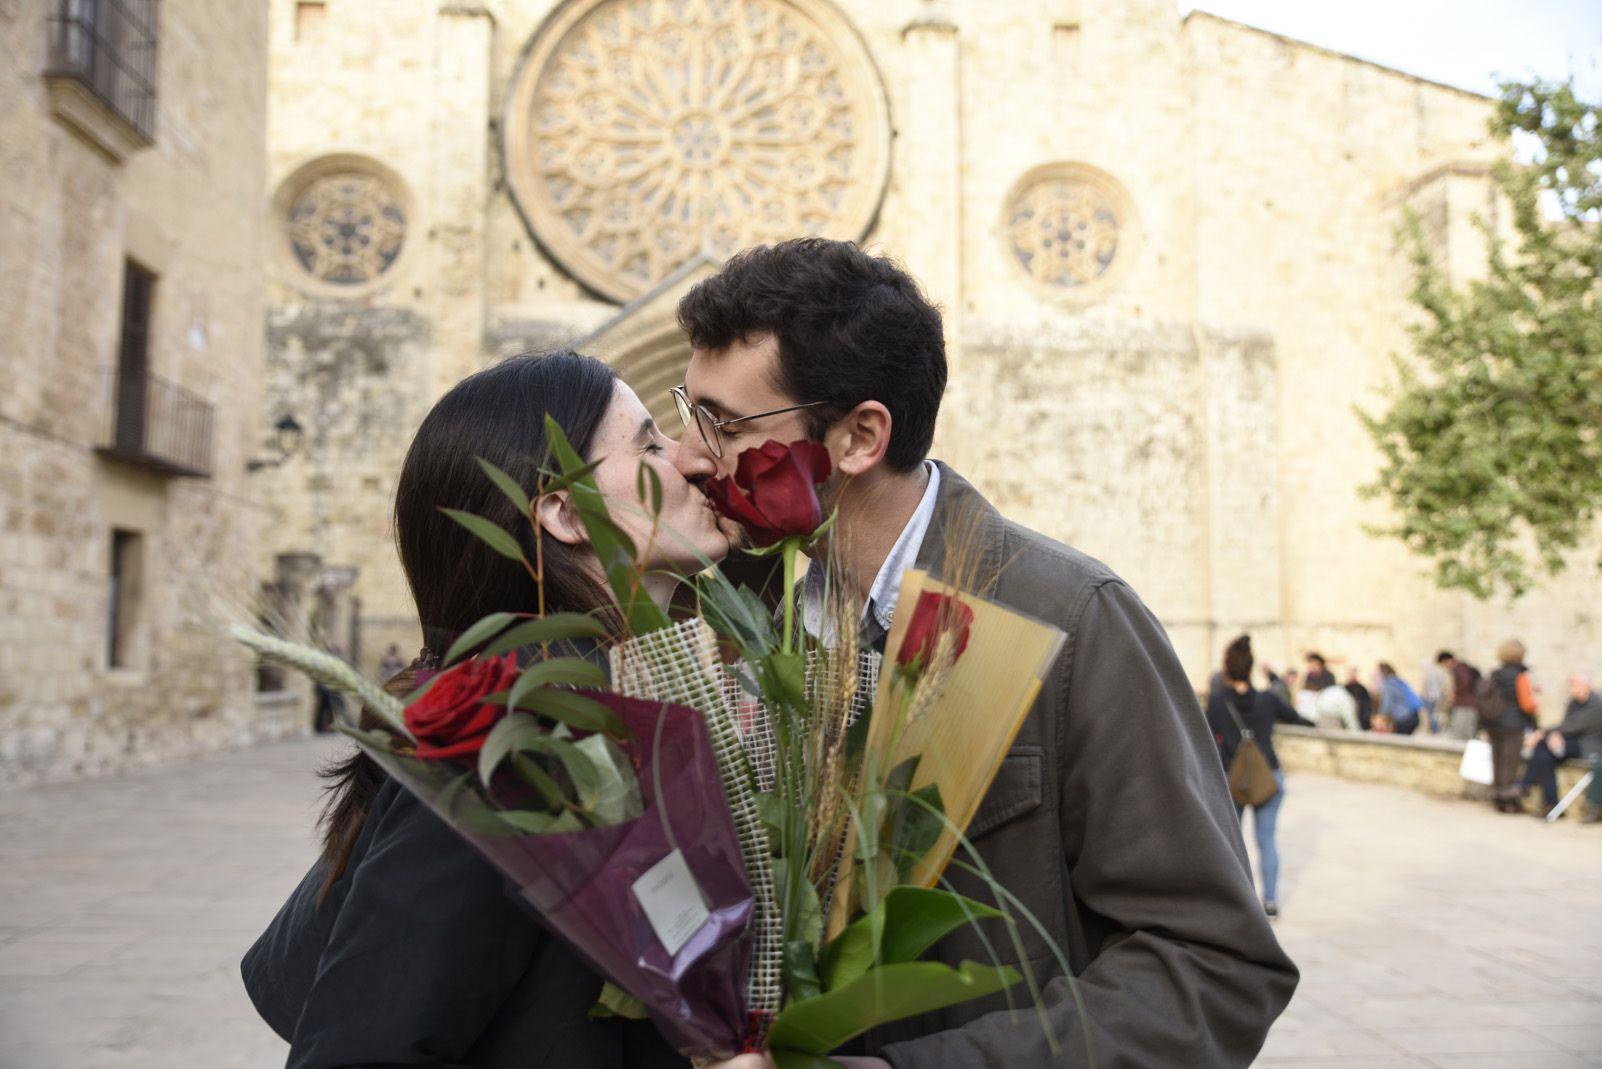 El petó dels enamorats de Sant Jordi. Foto: Bernat Millet.